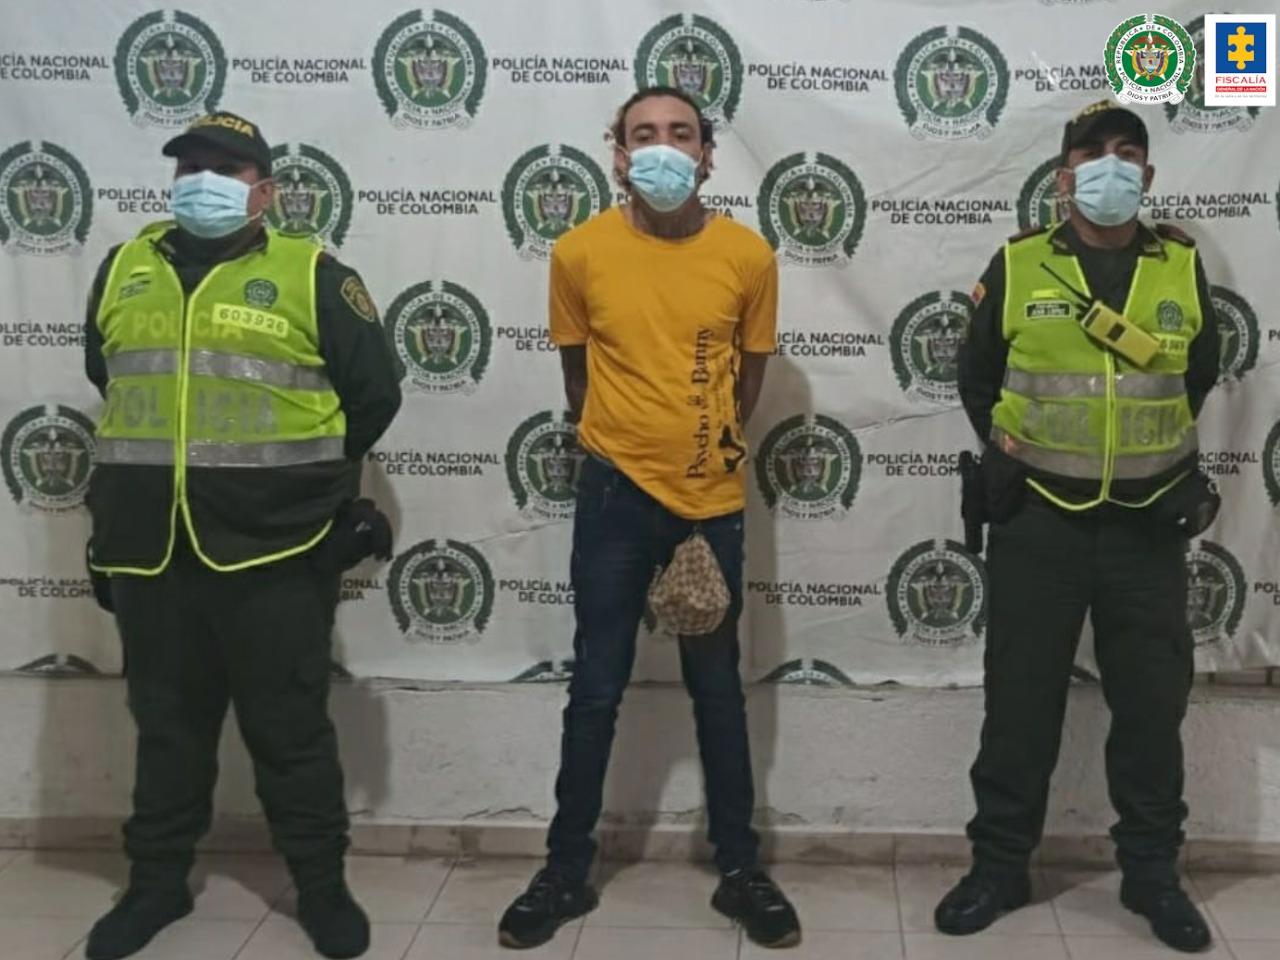 Envían a la cárcel a alias Huesitos, quien habría asesinado a un ciudadano en medio de un hurto en Valledupar - Noticias de Colombia